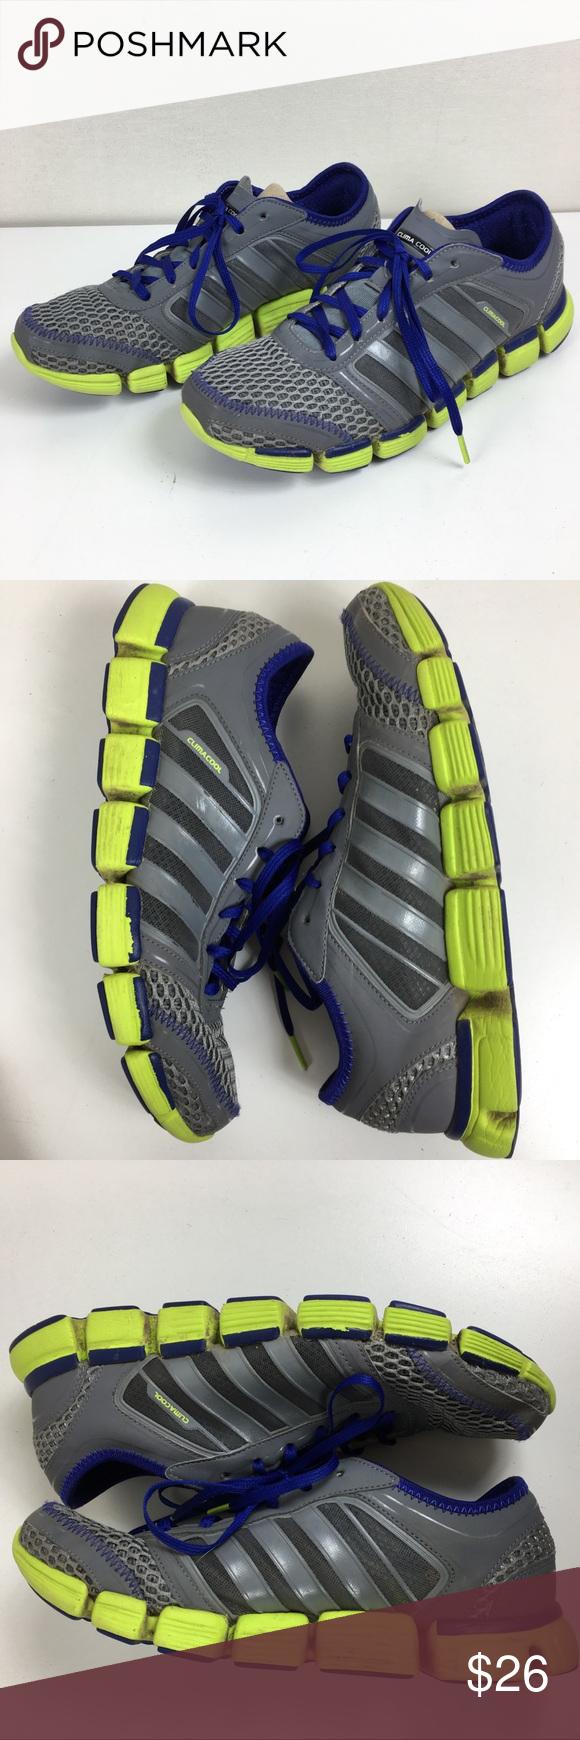 more photos 5b4eb ce849 Adidas Climacool Oscillation Running Shoes Adidas Climacool Oscillation  Running Shoes Adidas Style G47665 Womens Running